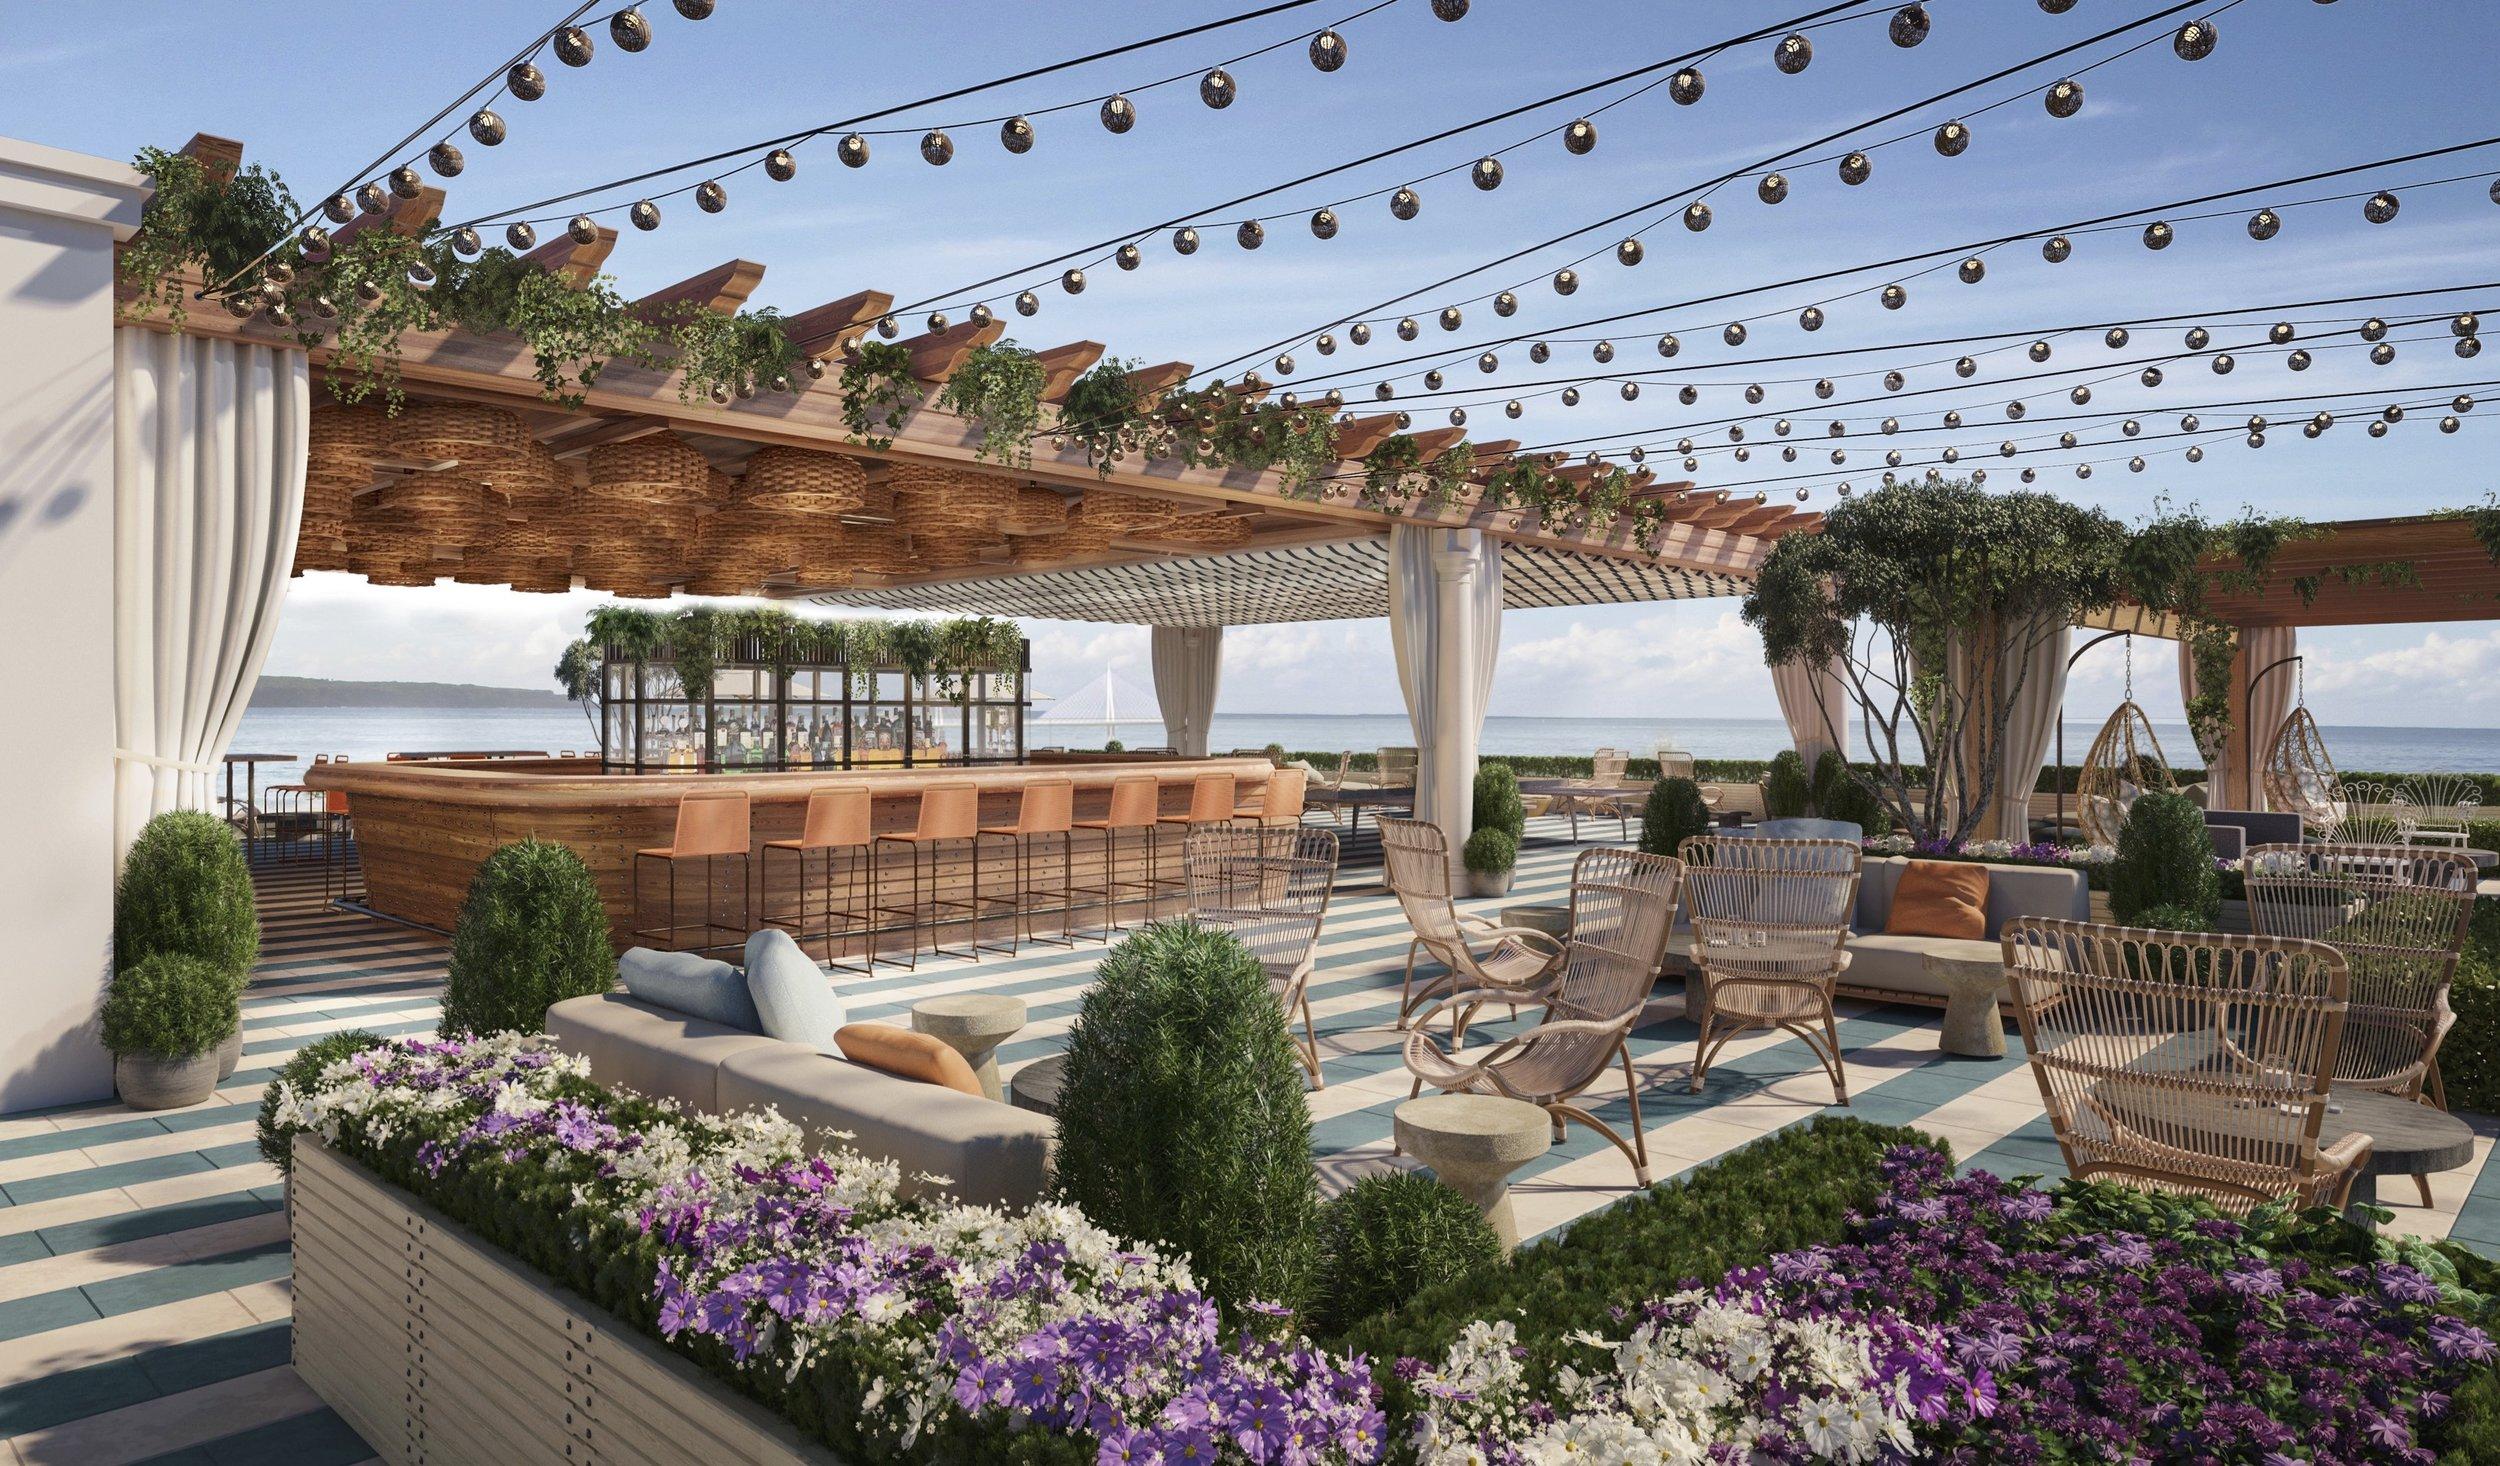 charleston roof top rendering.jpg